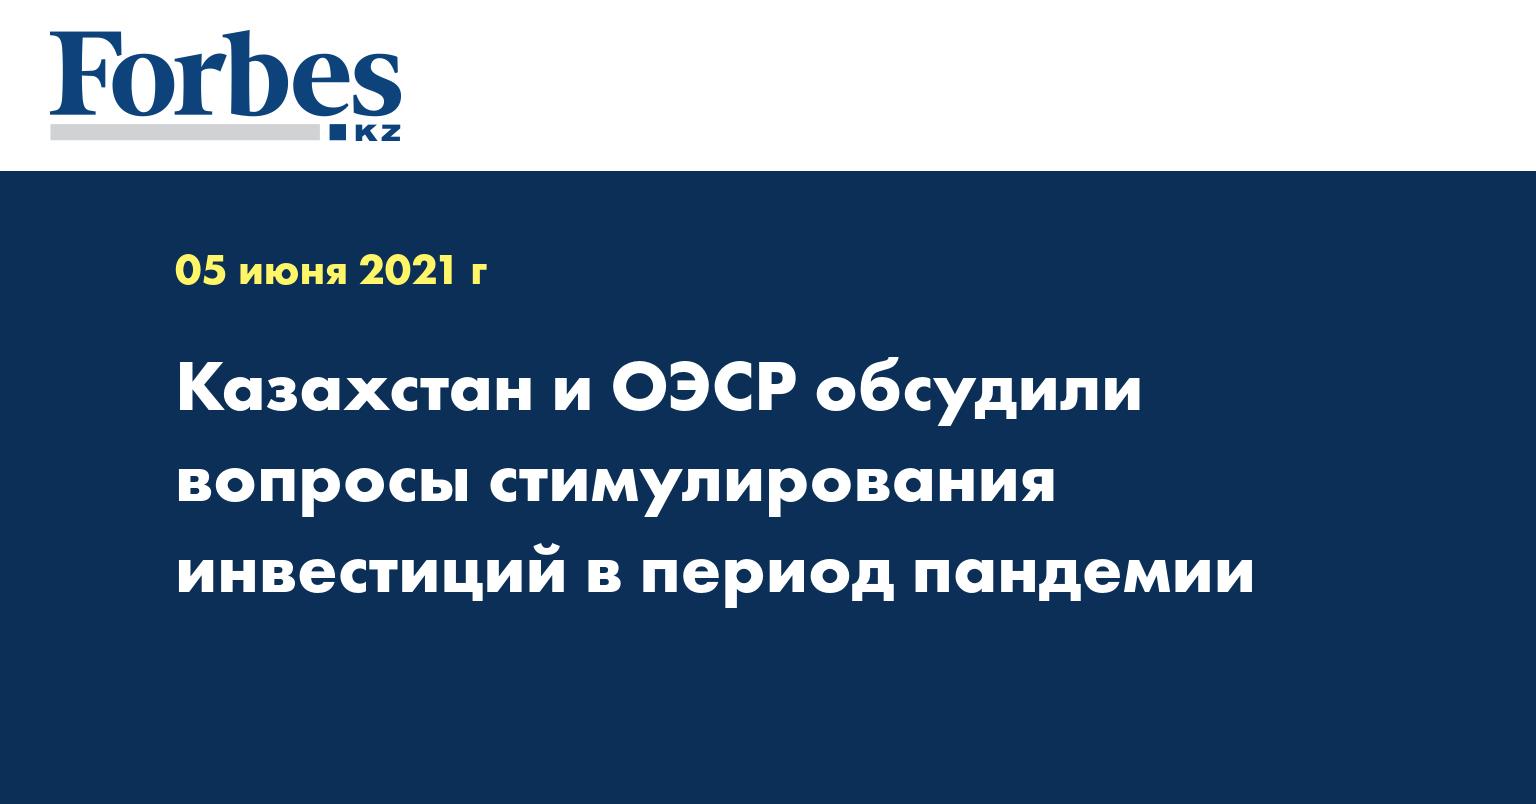 Казахстан и ОЭСР обсудили вопросы стимулирования инвестиций в период пандемии